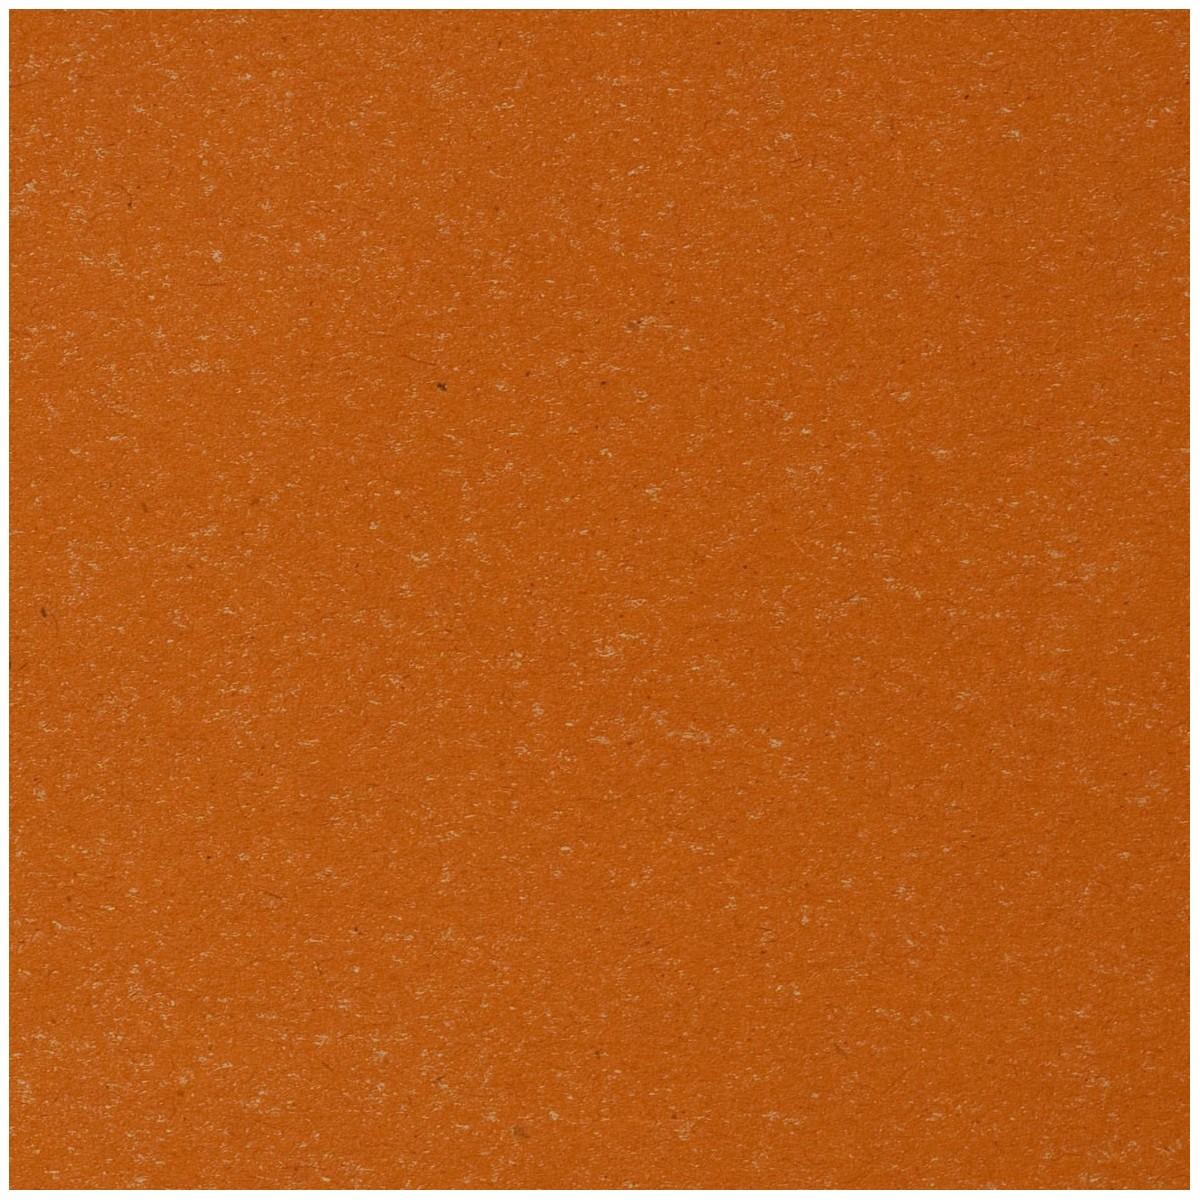 Carta Paglia ECOCHIC Gr.85 Fogli Cm.70x100 Colori Tinta Unita Arancio